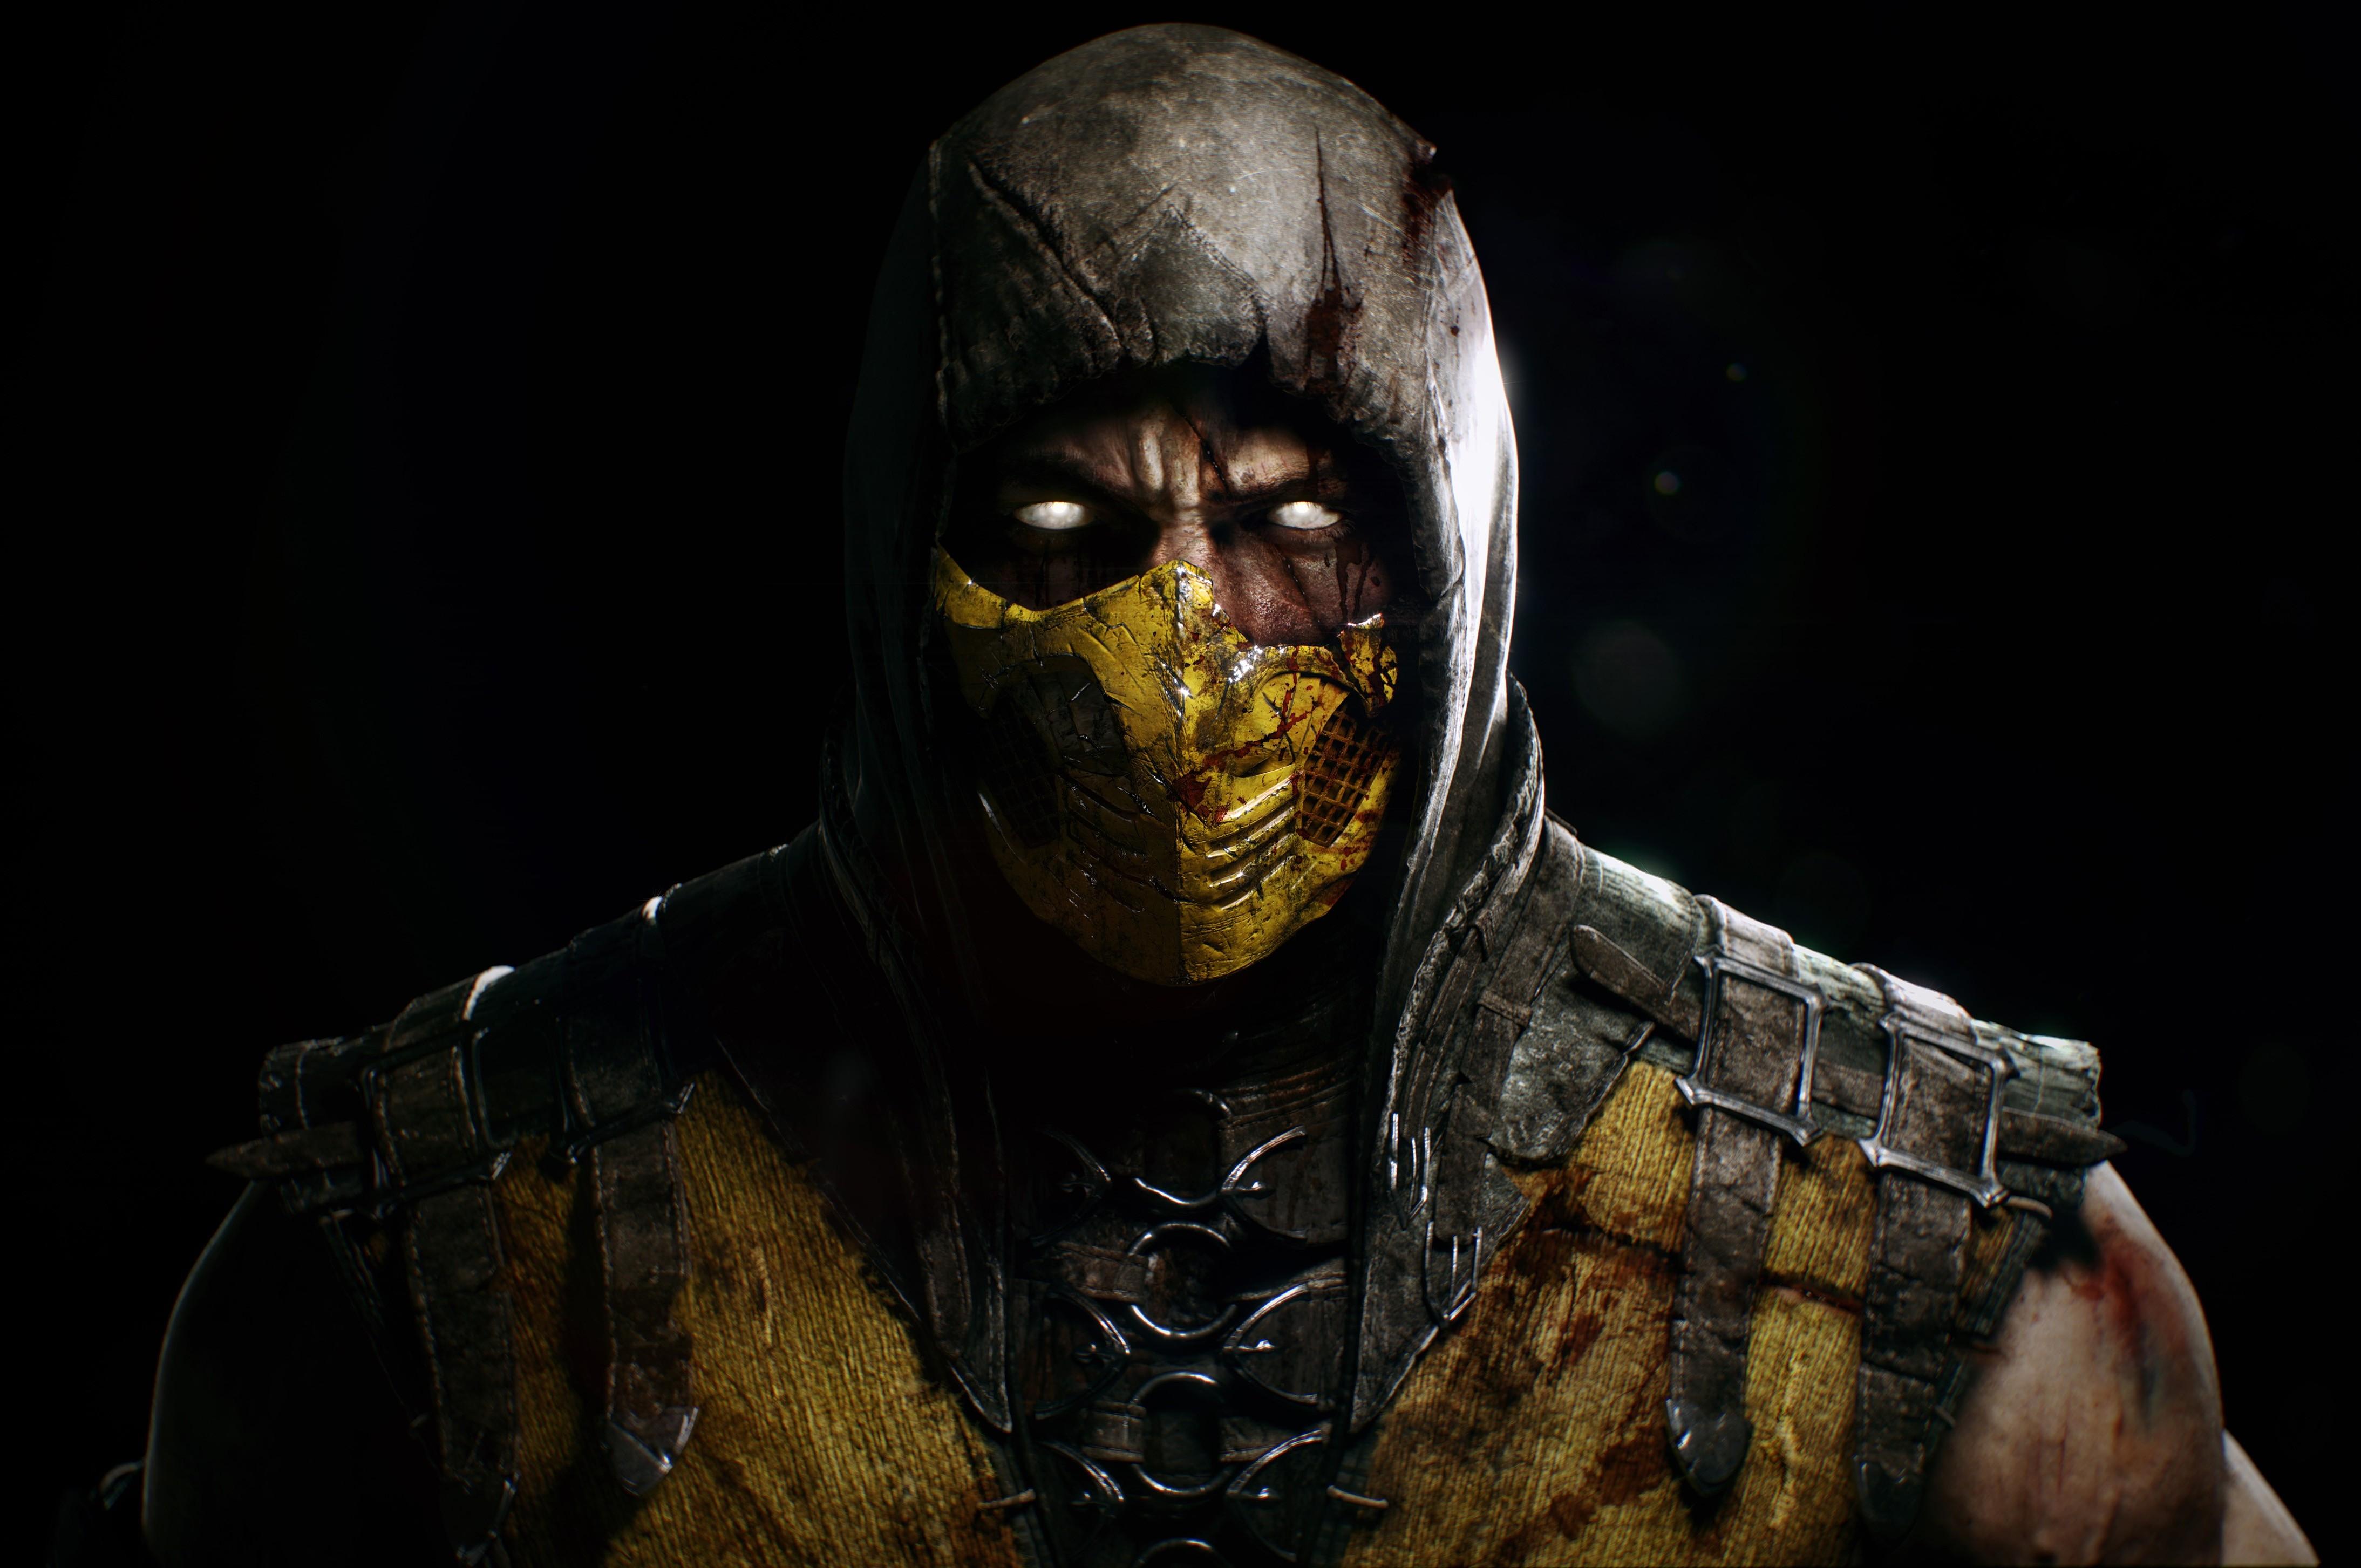 Scorpion Mortal Kombat X Wallpapers HD   Bhstormcom 4375x2906